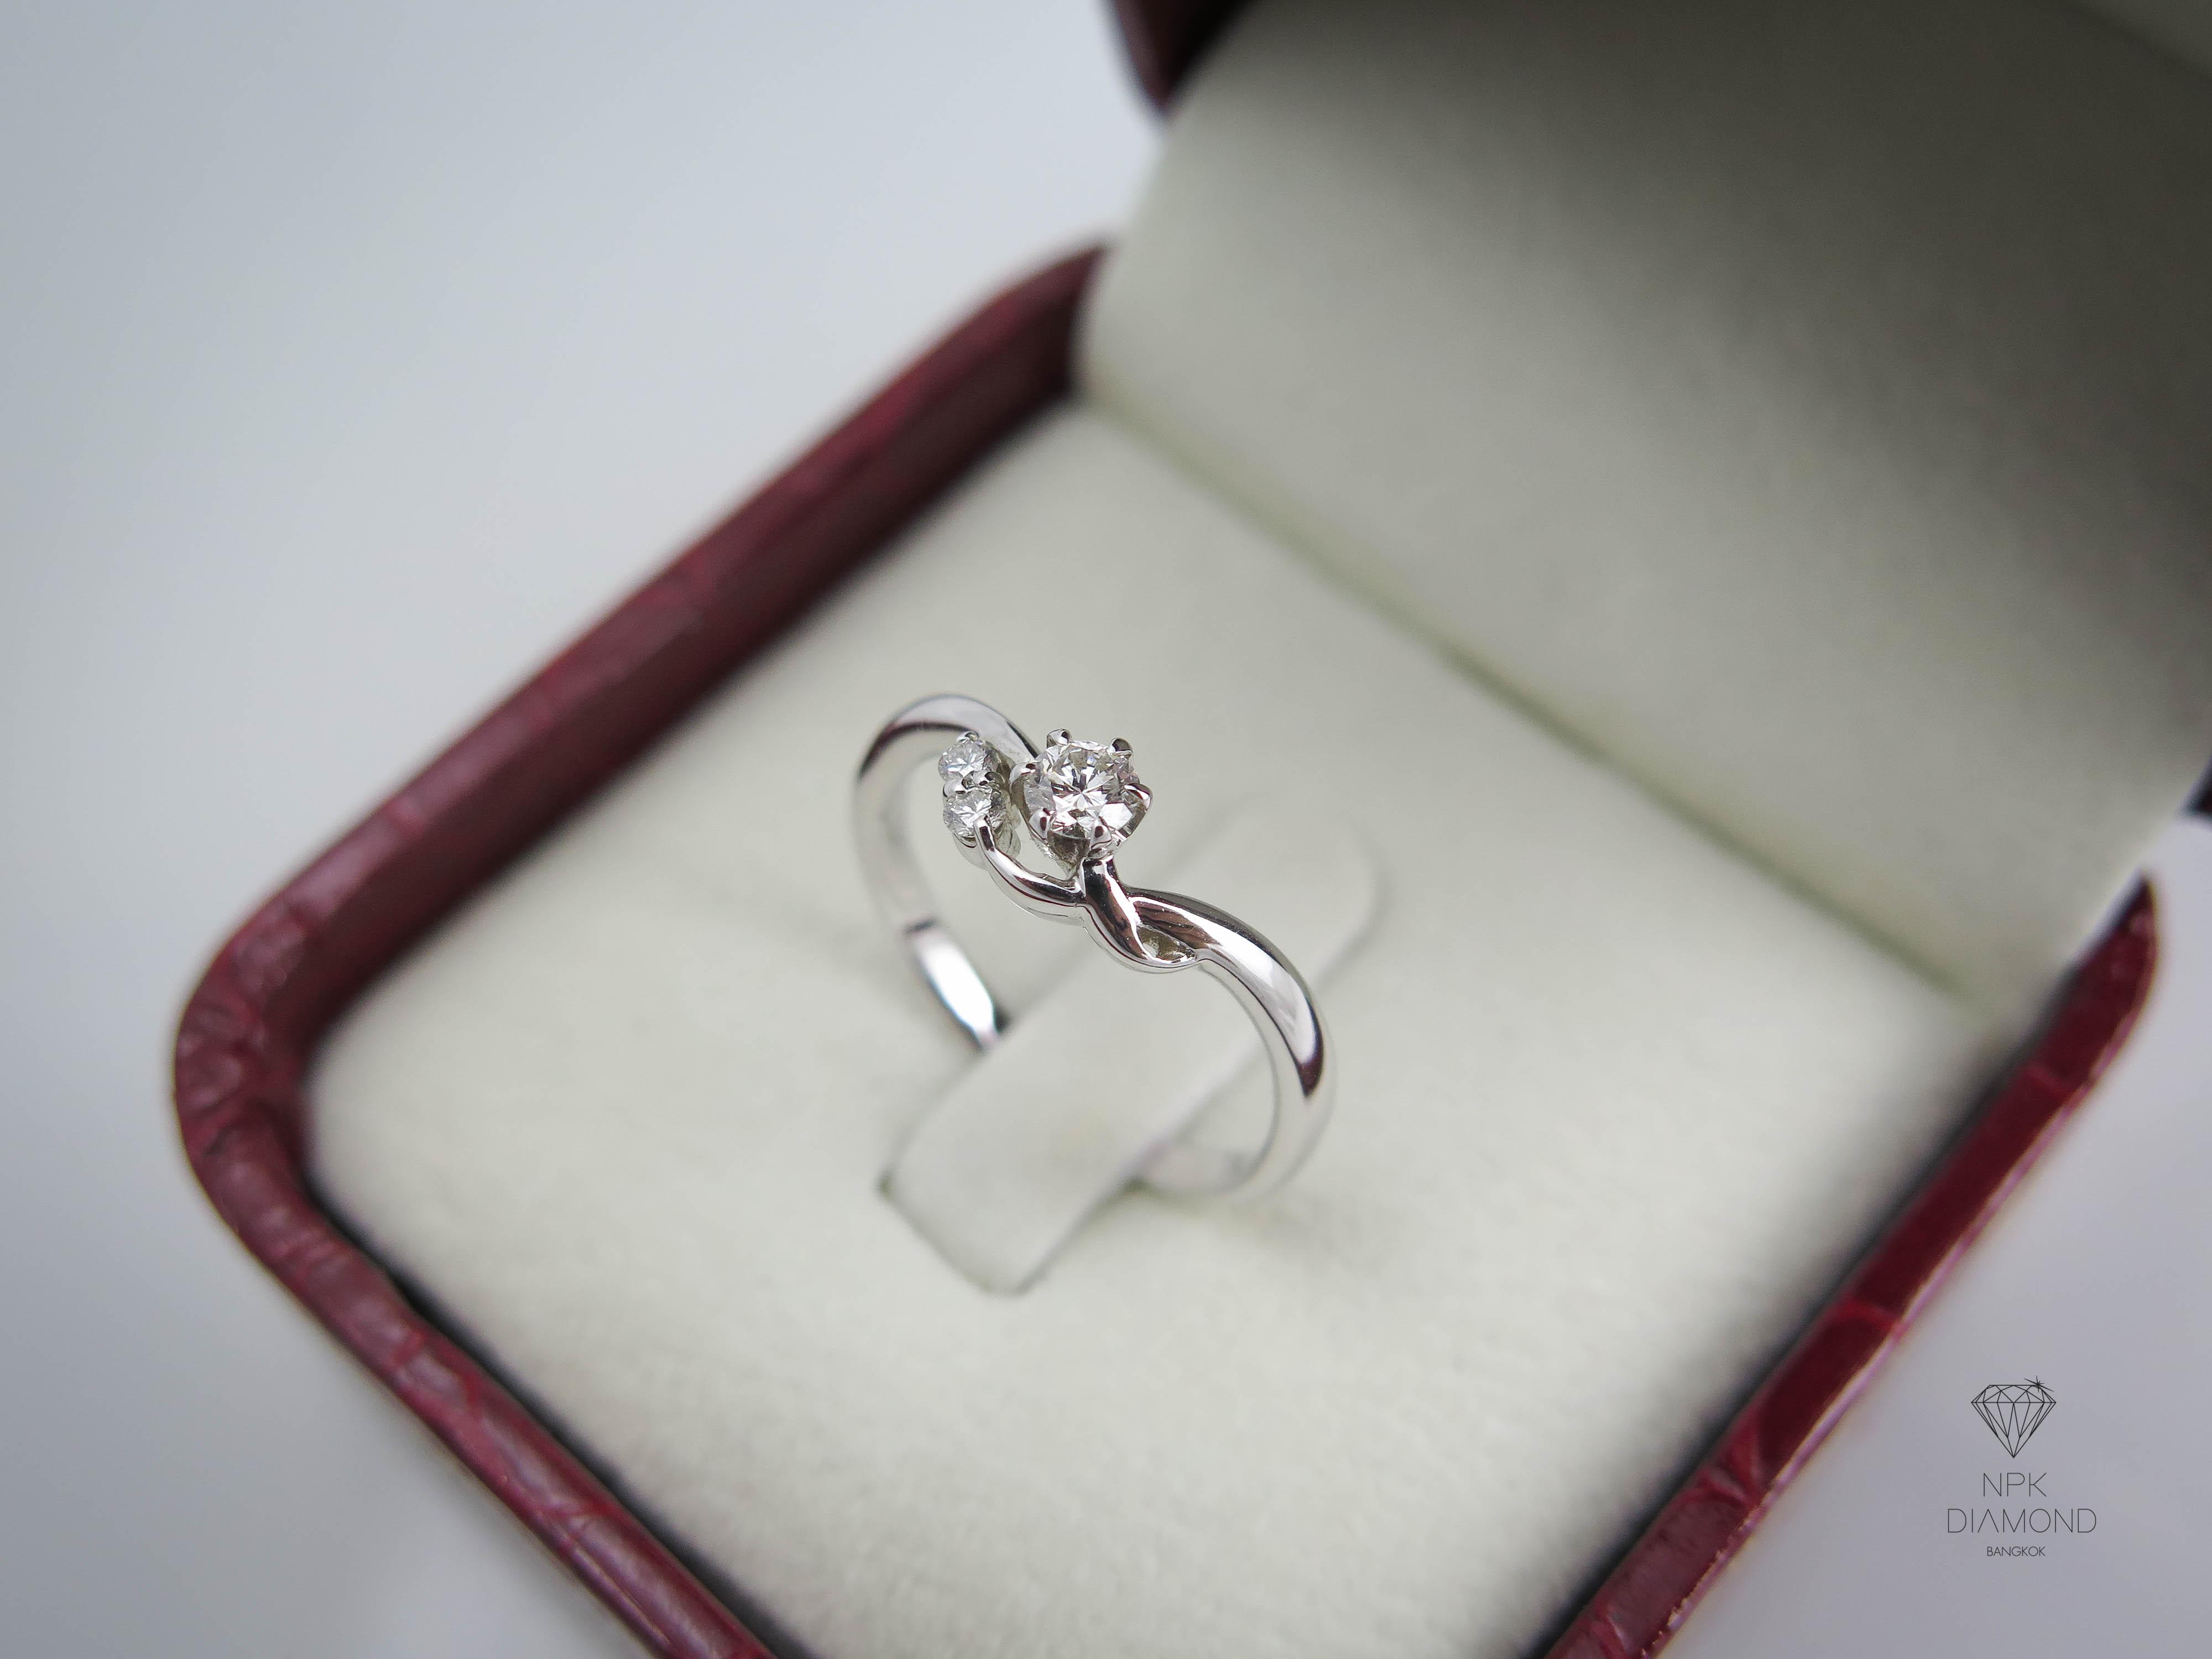 แหวนเพชรดอกไม้